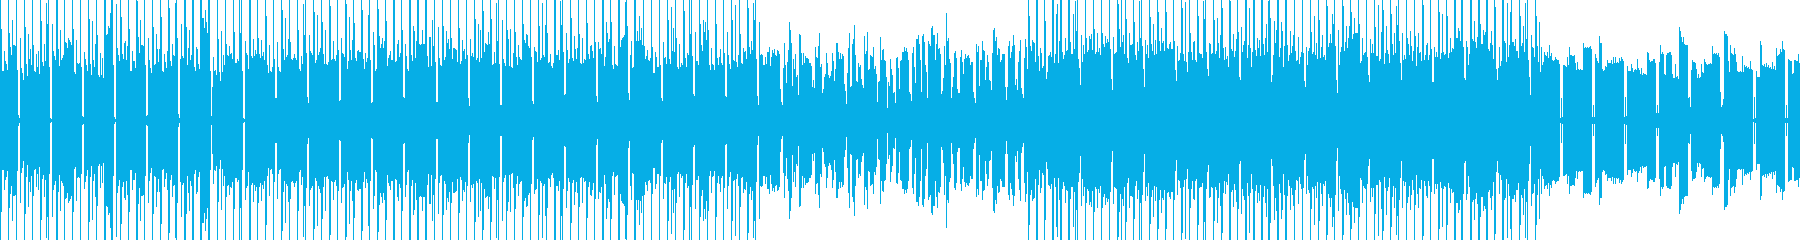 サイバー、宇宙、未来感のある電子的BGMの再生済みの波形